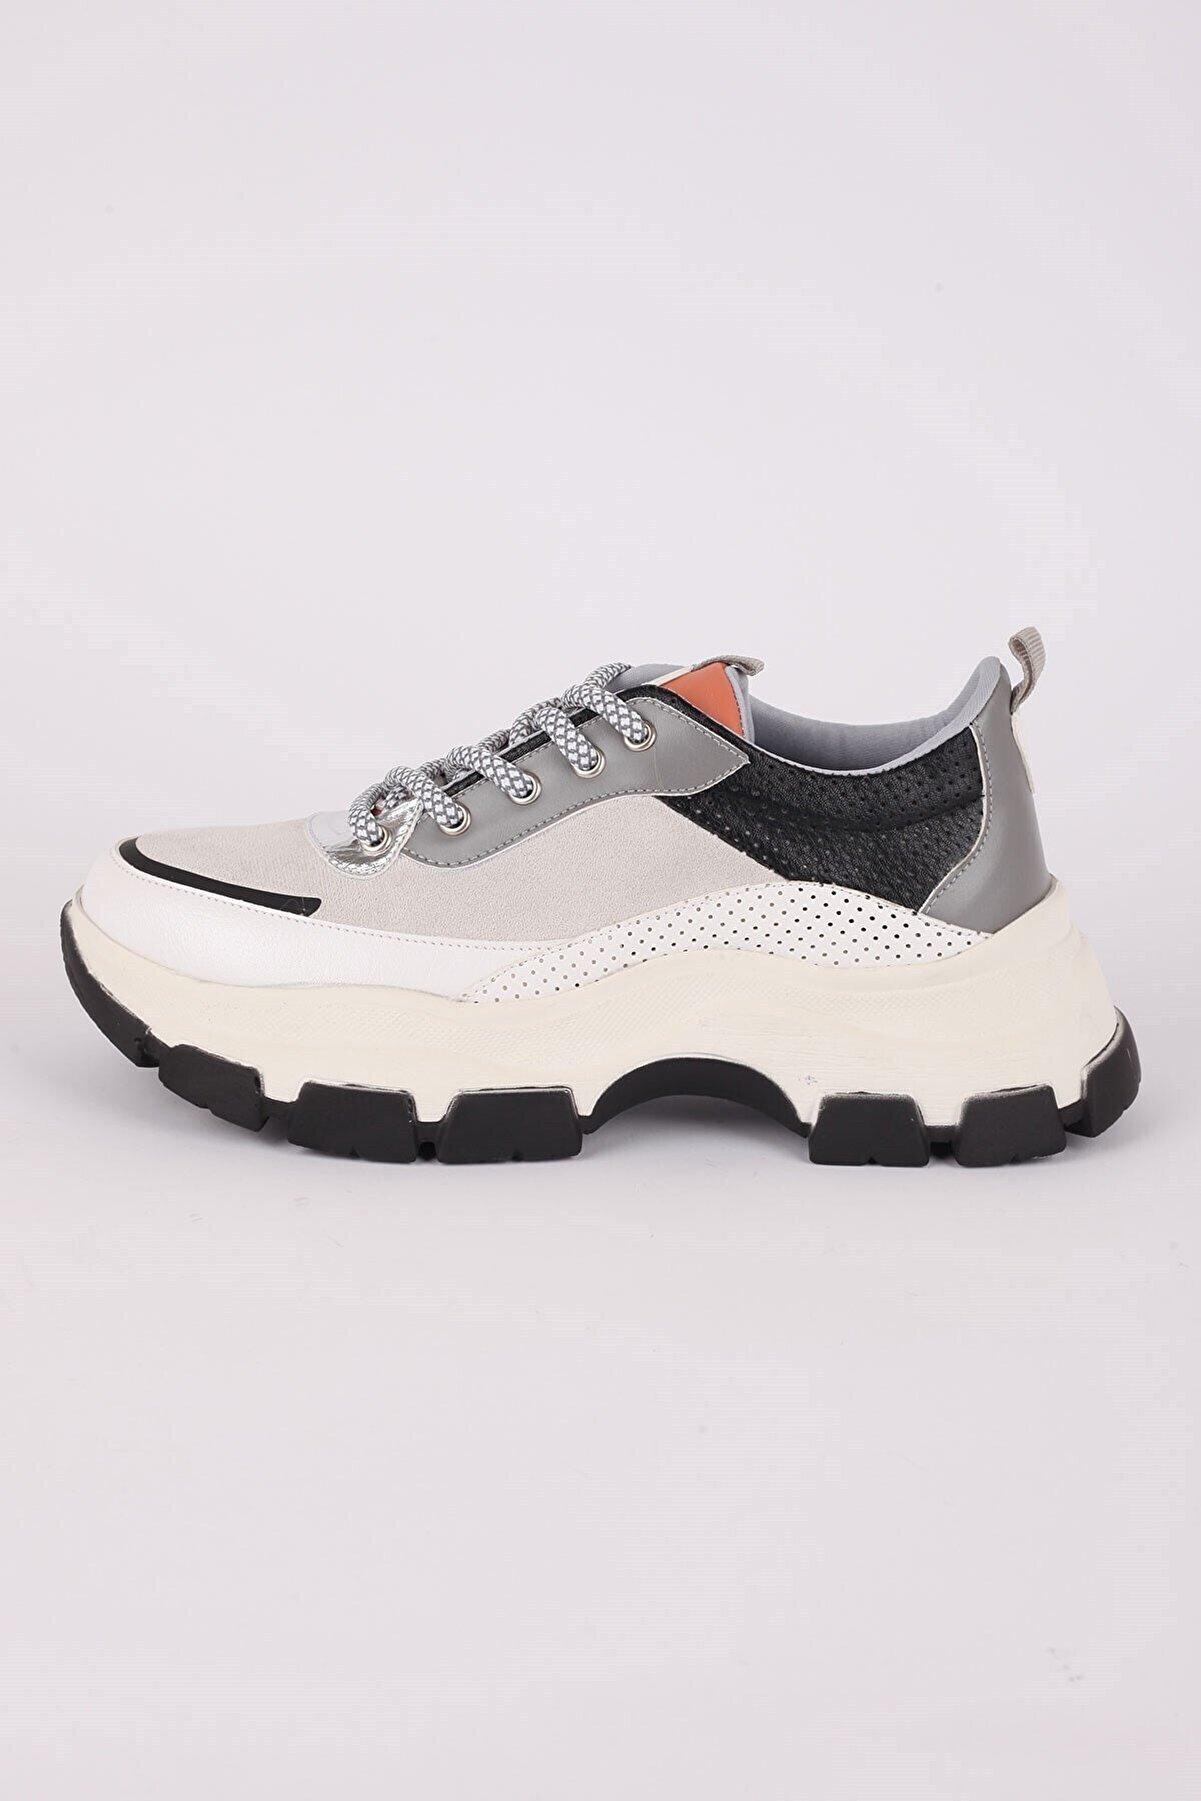 Tinka Bell Shoes Kadın Buz Multi Spor Ayakkabı 58113-2